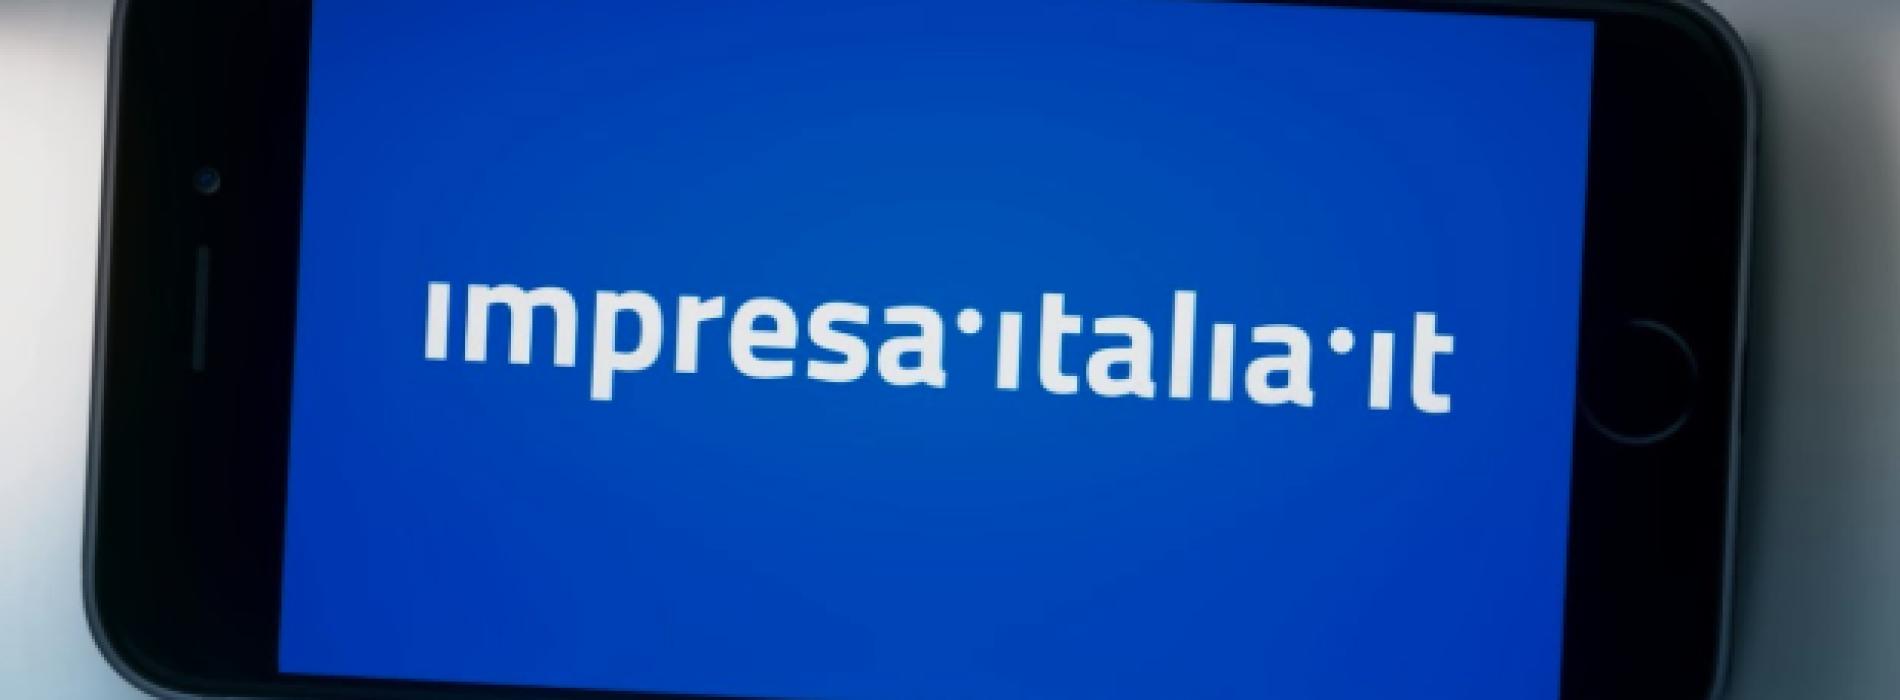 Il cassetto digitale dell'imprenditore, impresa.italia.it